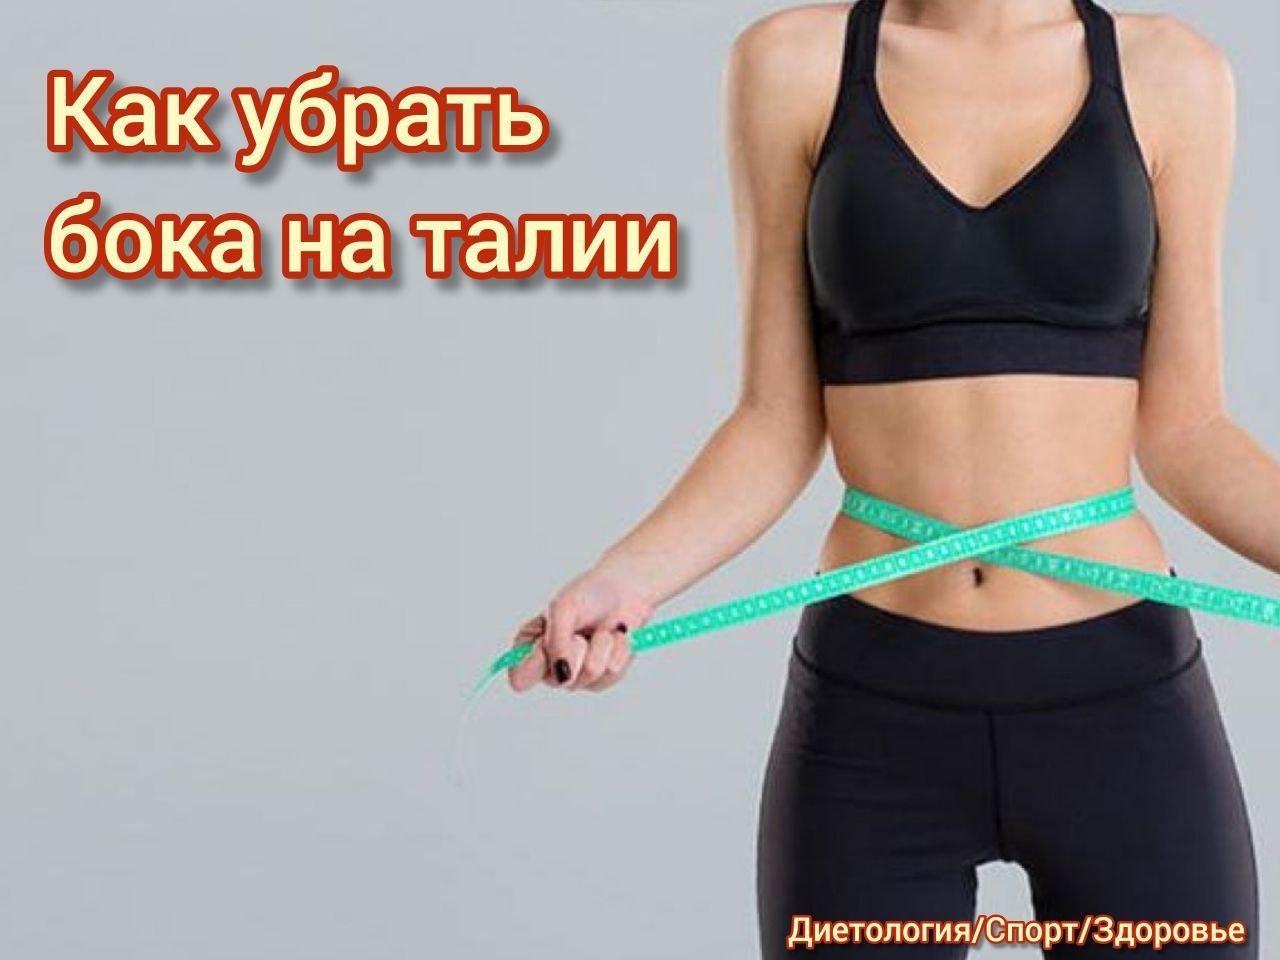 Как убрать живот и бока: советы по питанию и комплекс упражнений для женщин